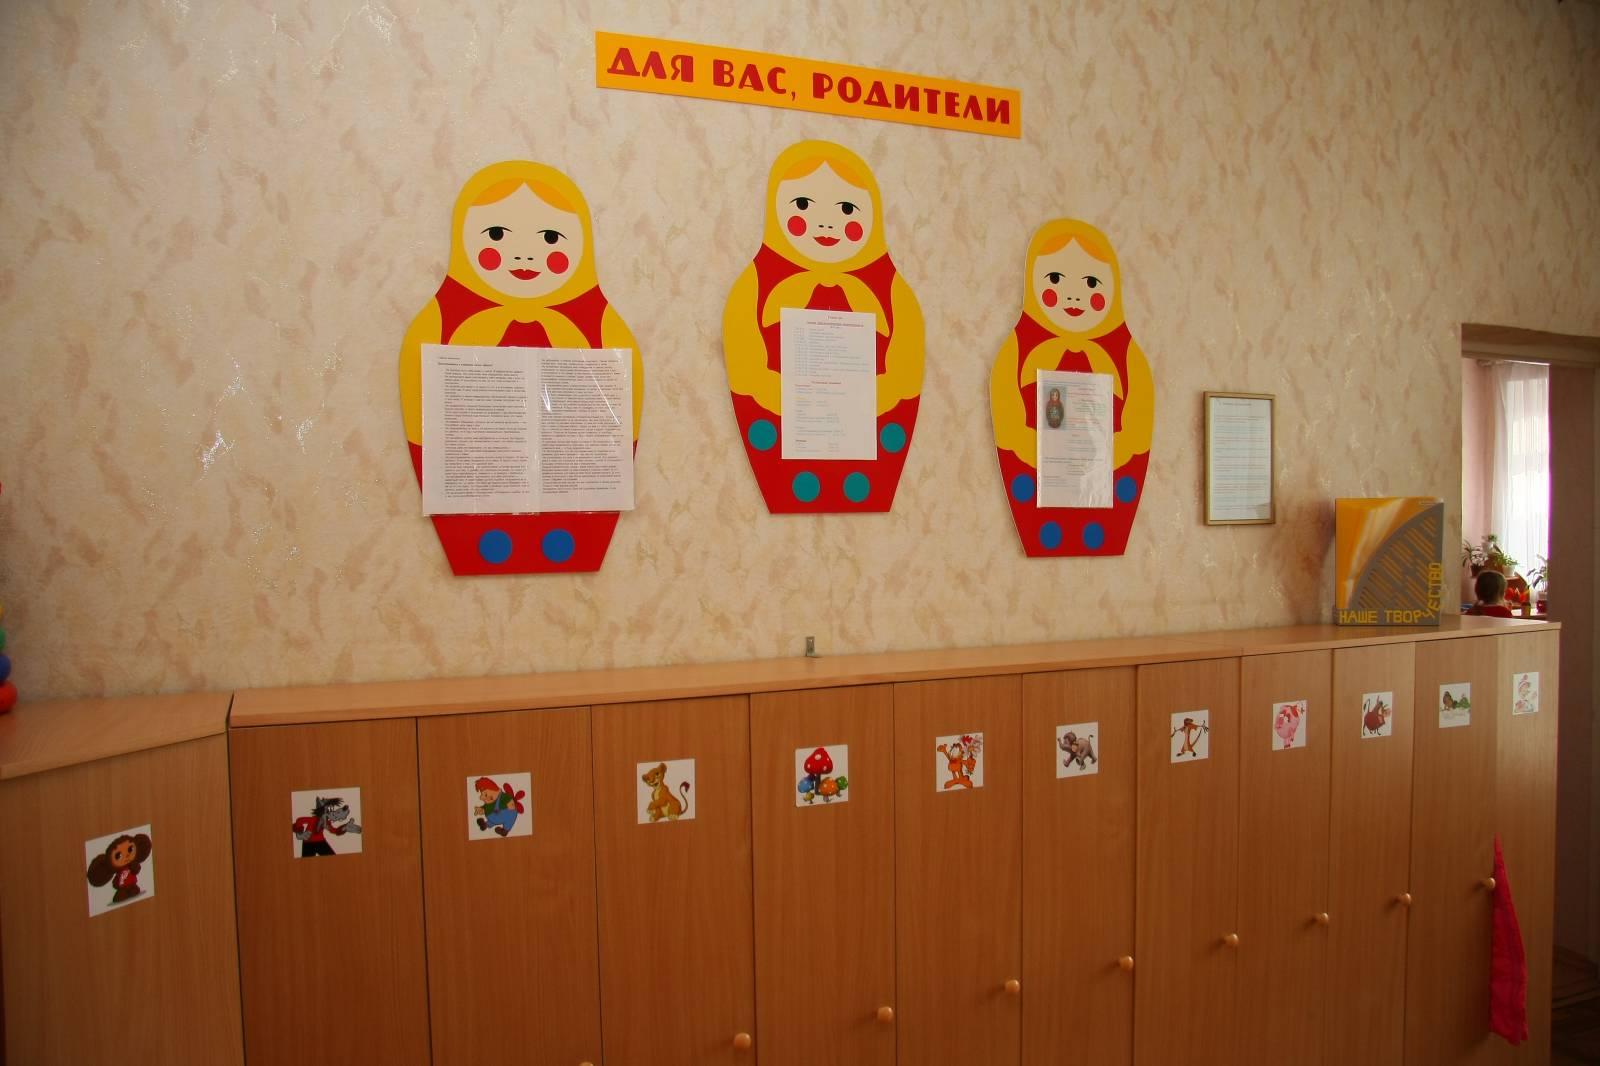 Оформление раздевалки в детском саду по фгос в картинках